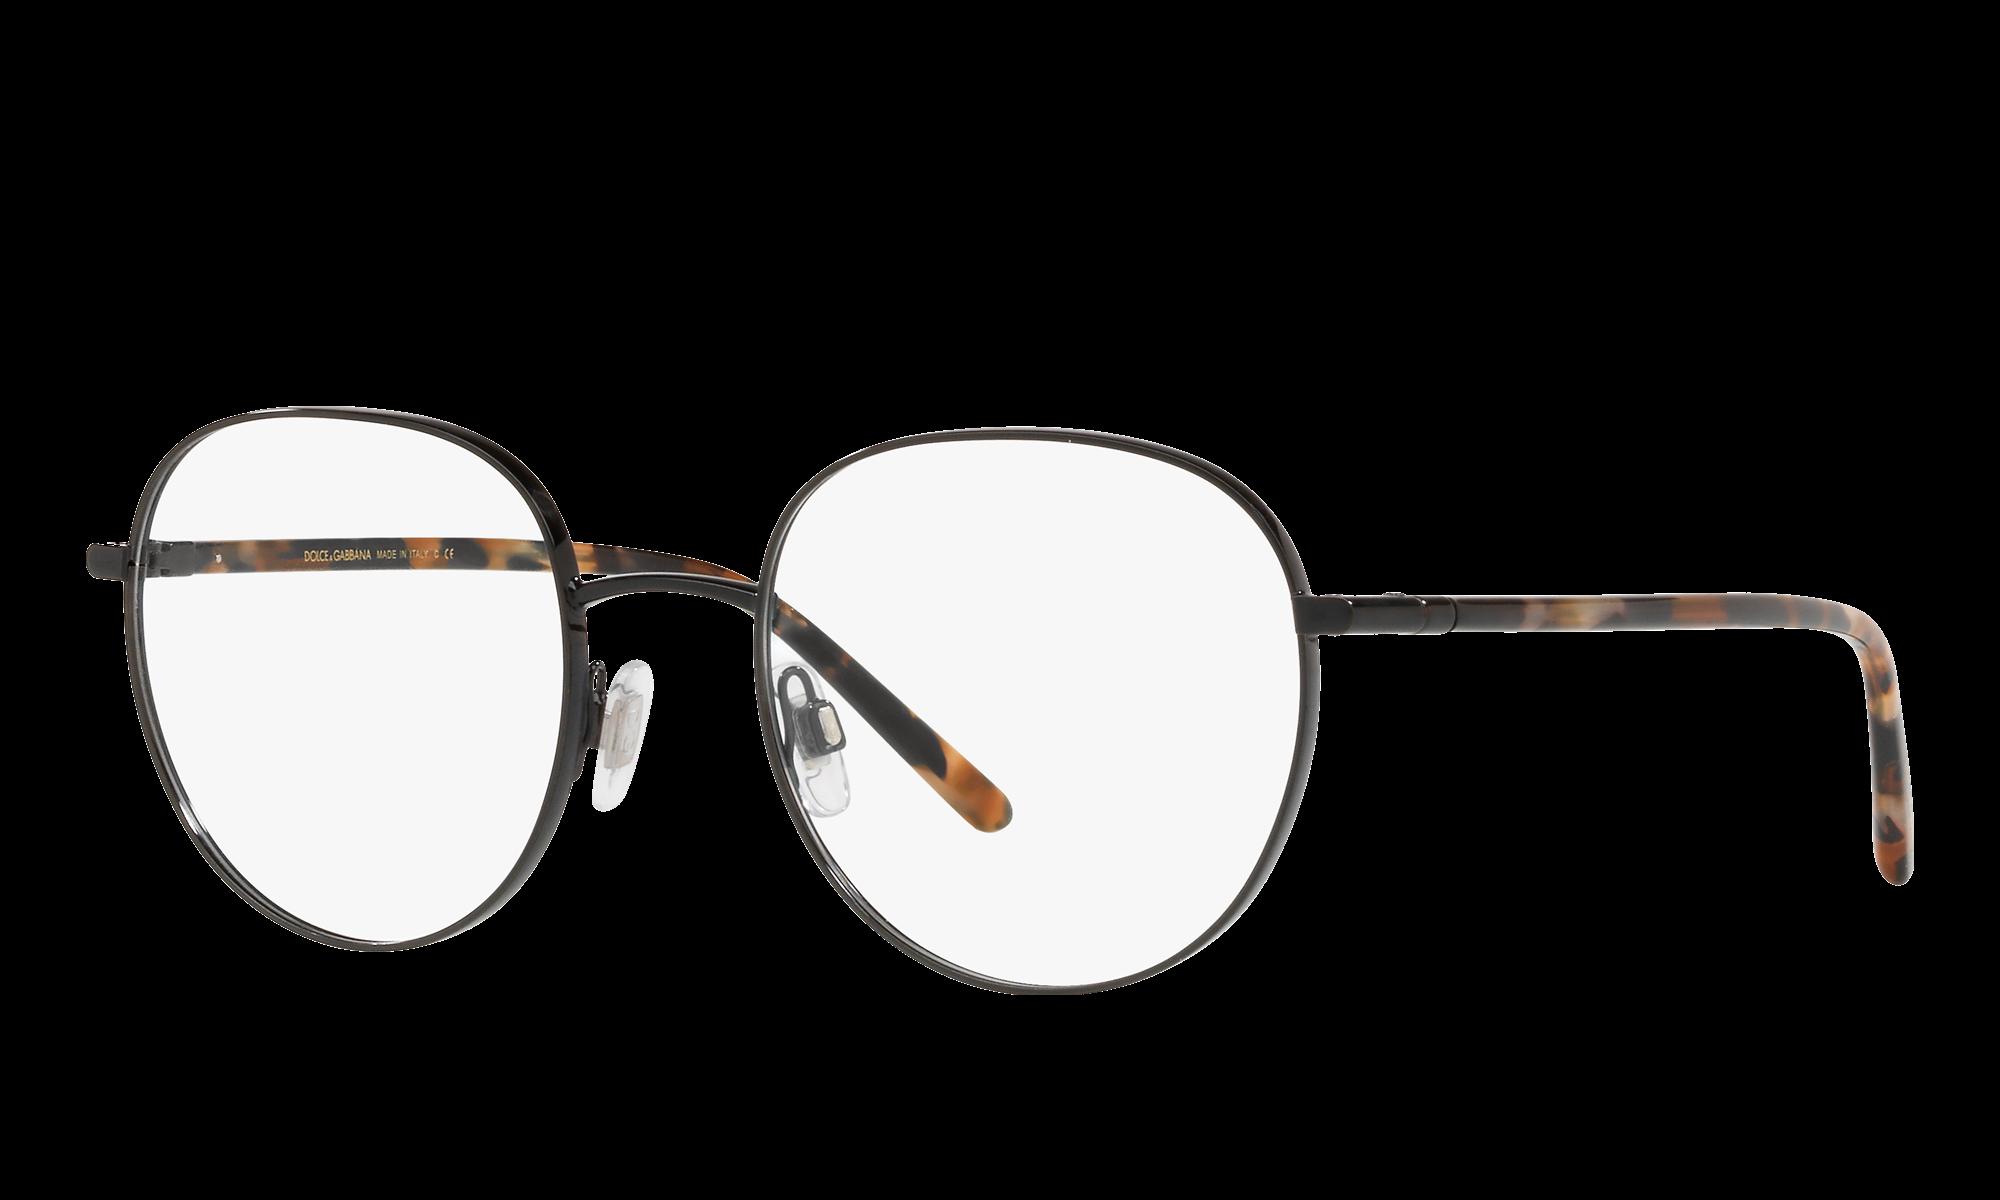 Dolce & Gabbana DG1304 Black Eyeglasses | Glasses.com ...